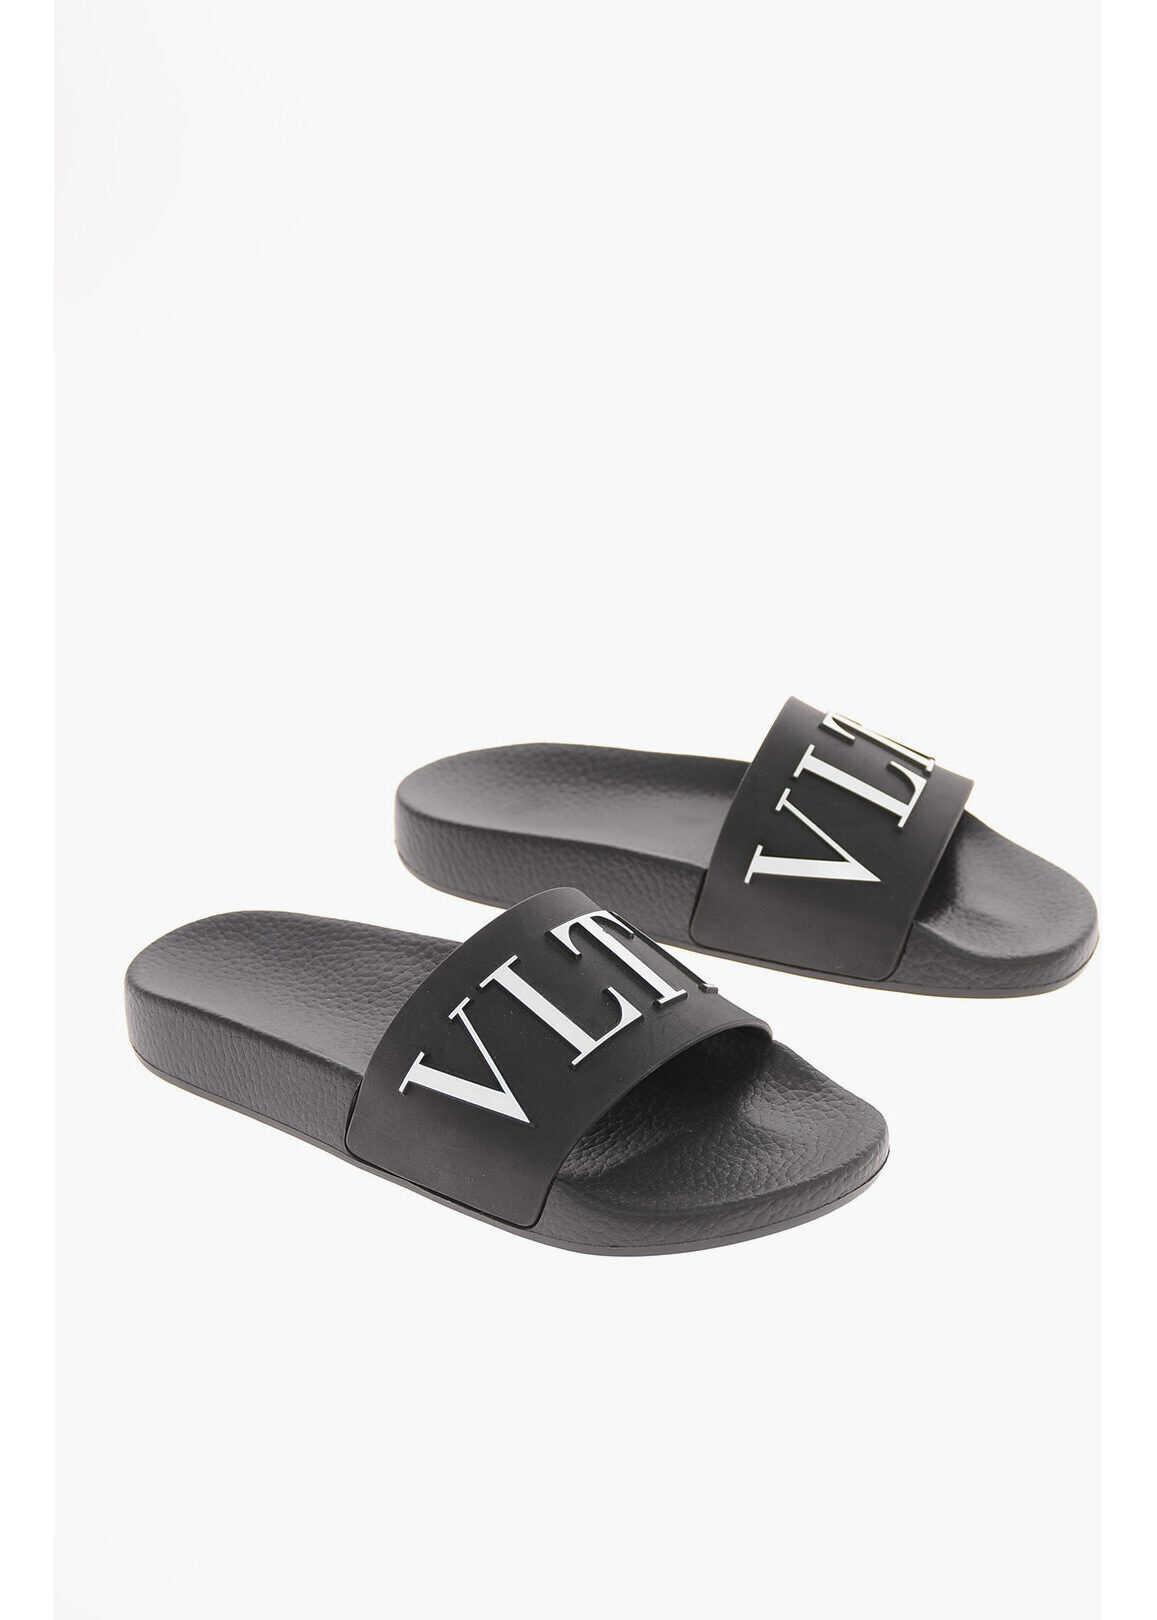 Valentino Garavani GARAVANI Monogram VLTN Slippers BLACK imagine b-mall.ro